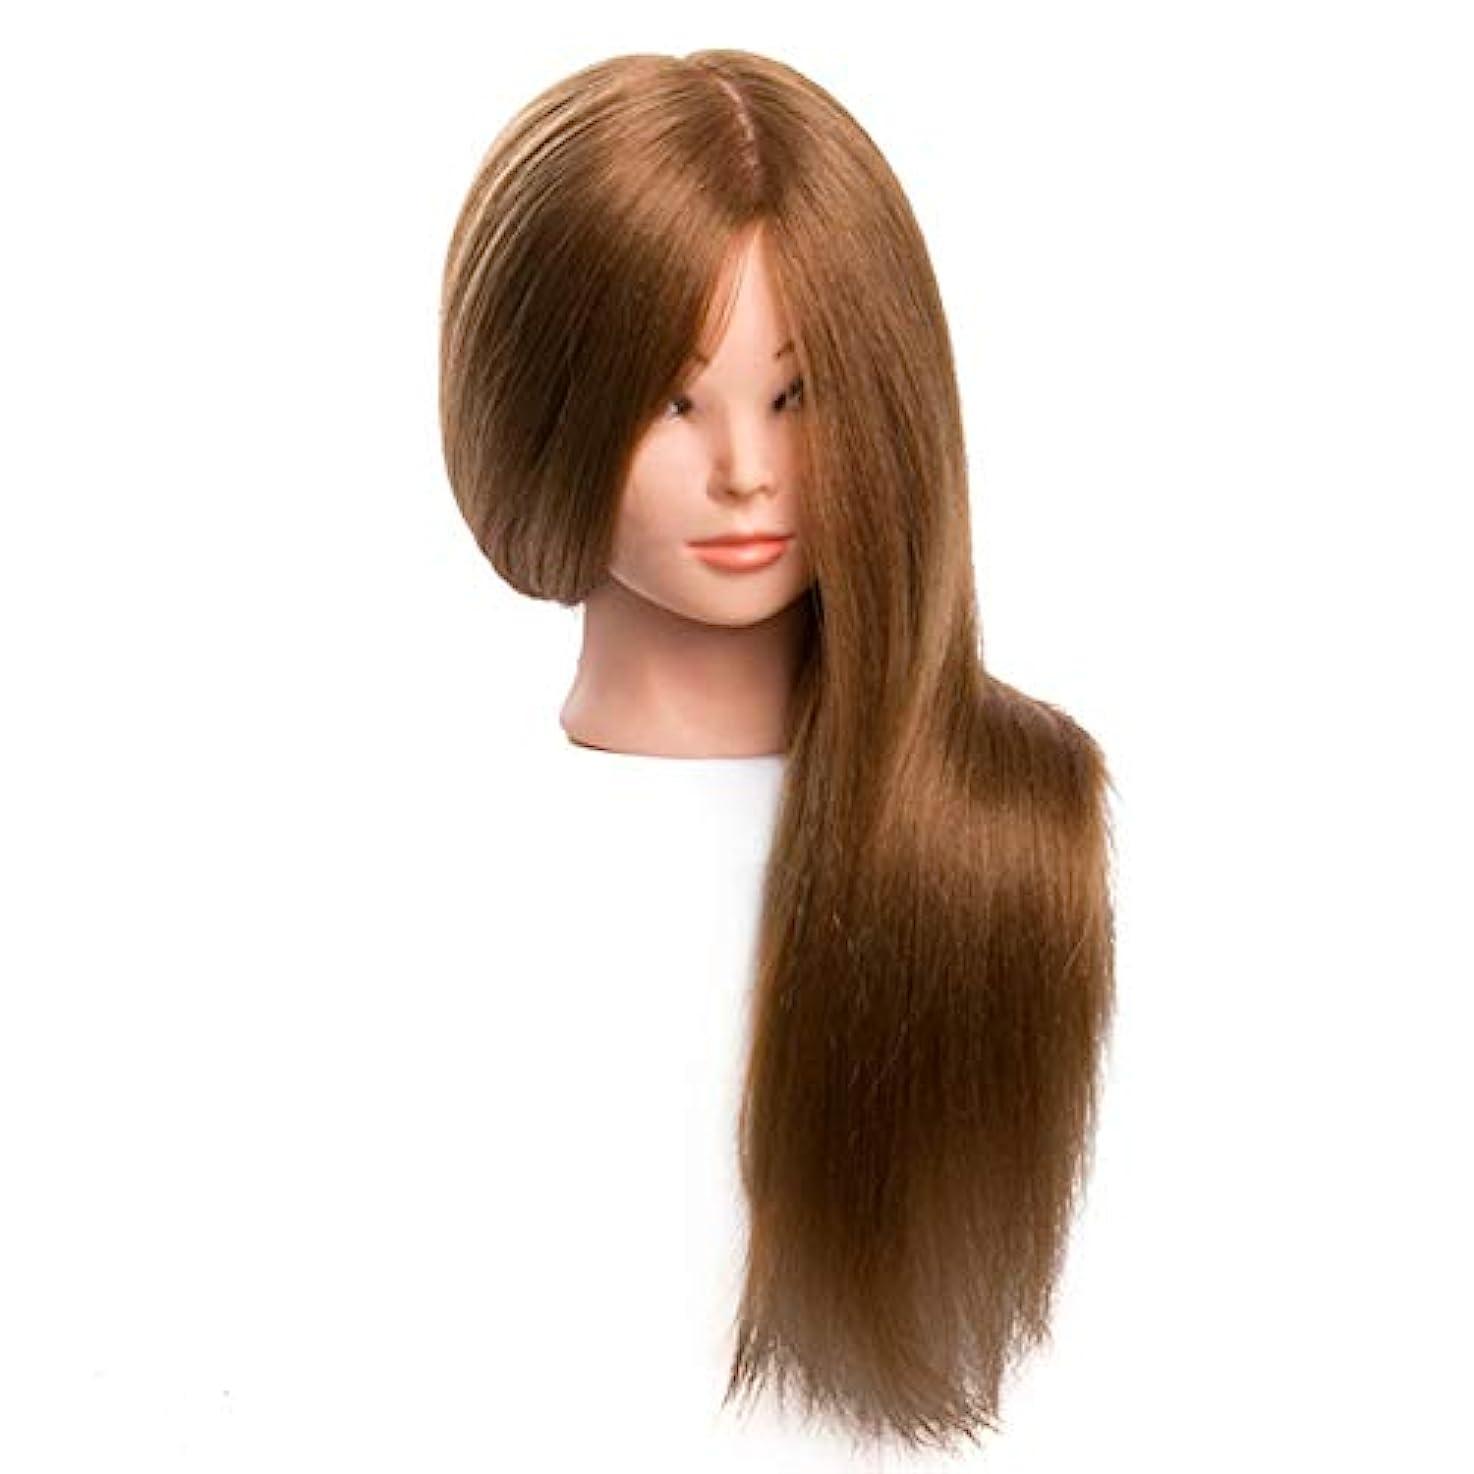 今晩農村薬を飲むサロンエクササイズヘッド金型メイクディスクヘアスタイリング編組ティーチングダミーヘッド理髪ヘアカットトレーニングかつら3個